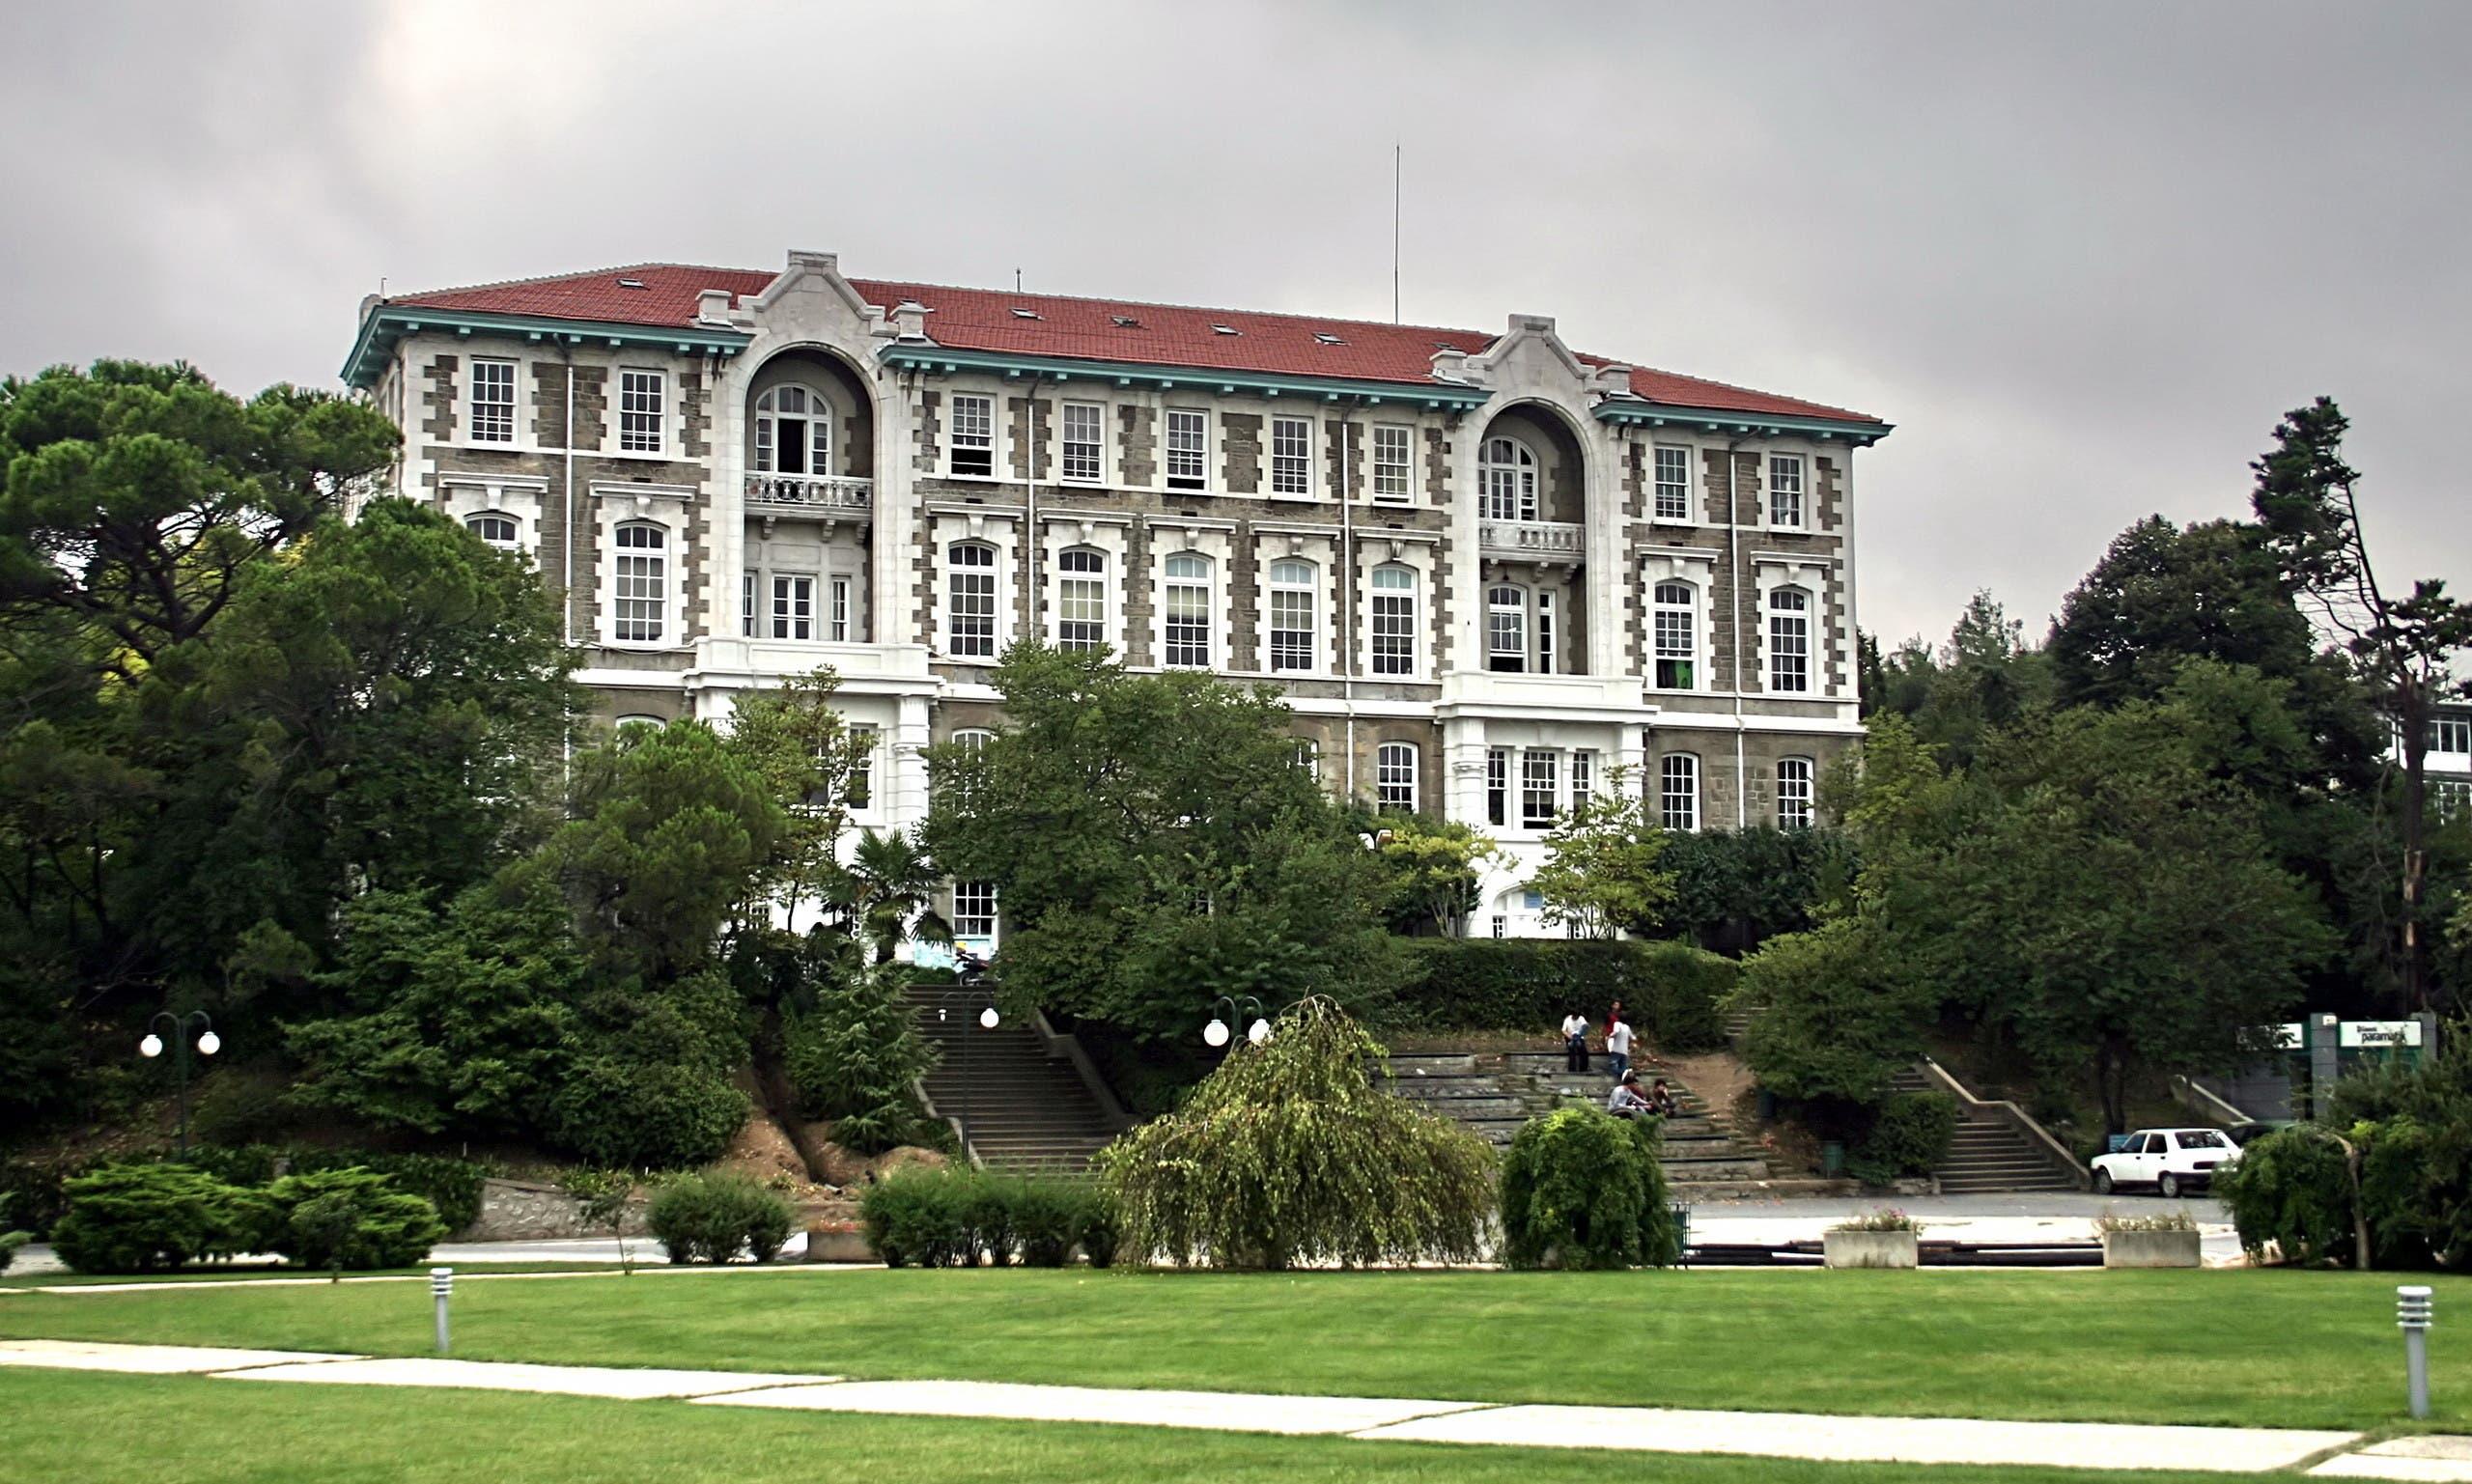 جامعة البوسفور التي تُعرف أيضاً باسم بوغازيتشي